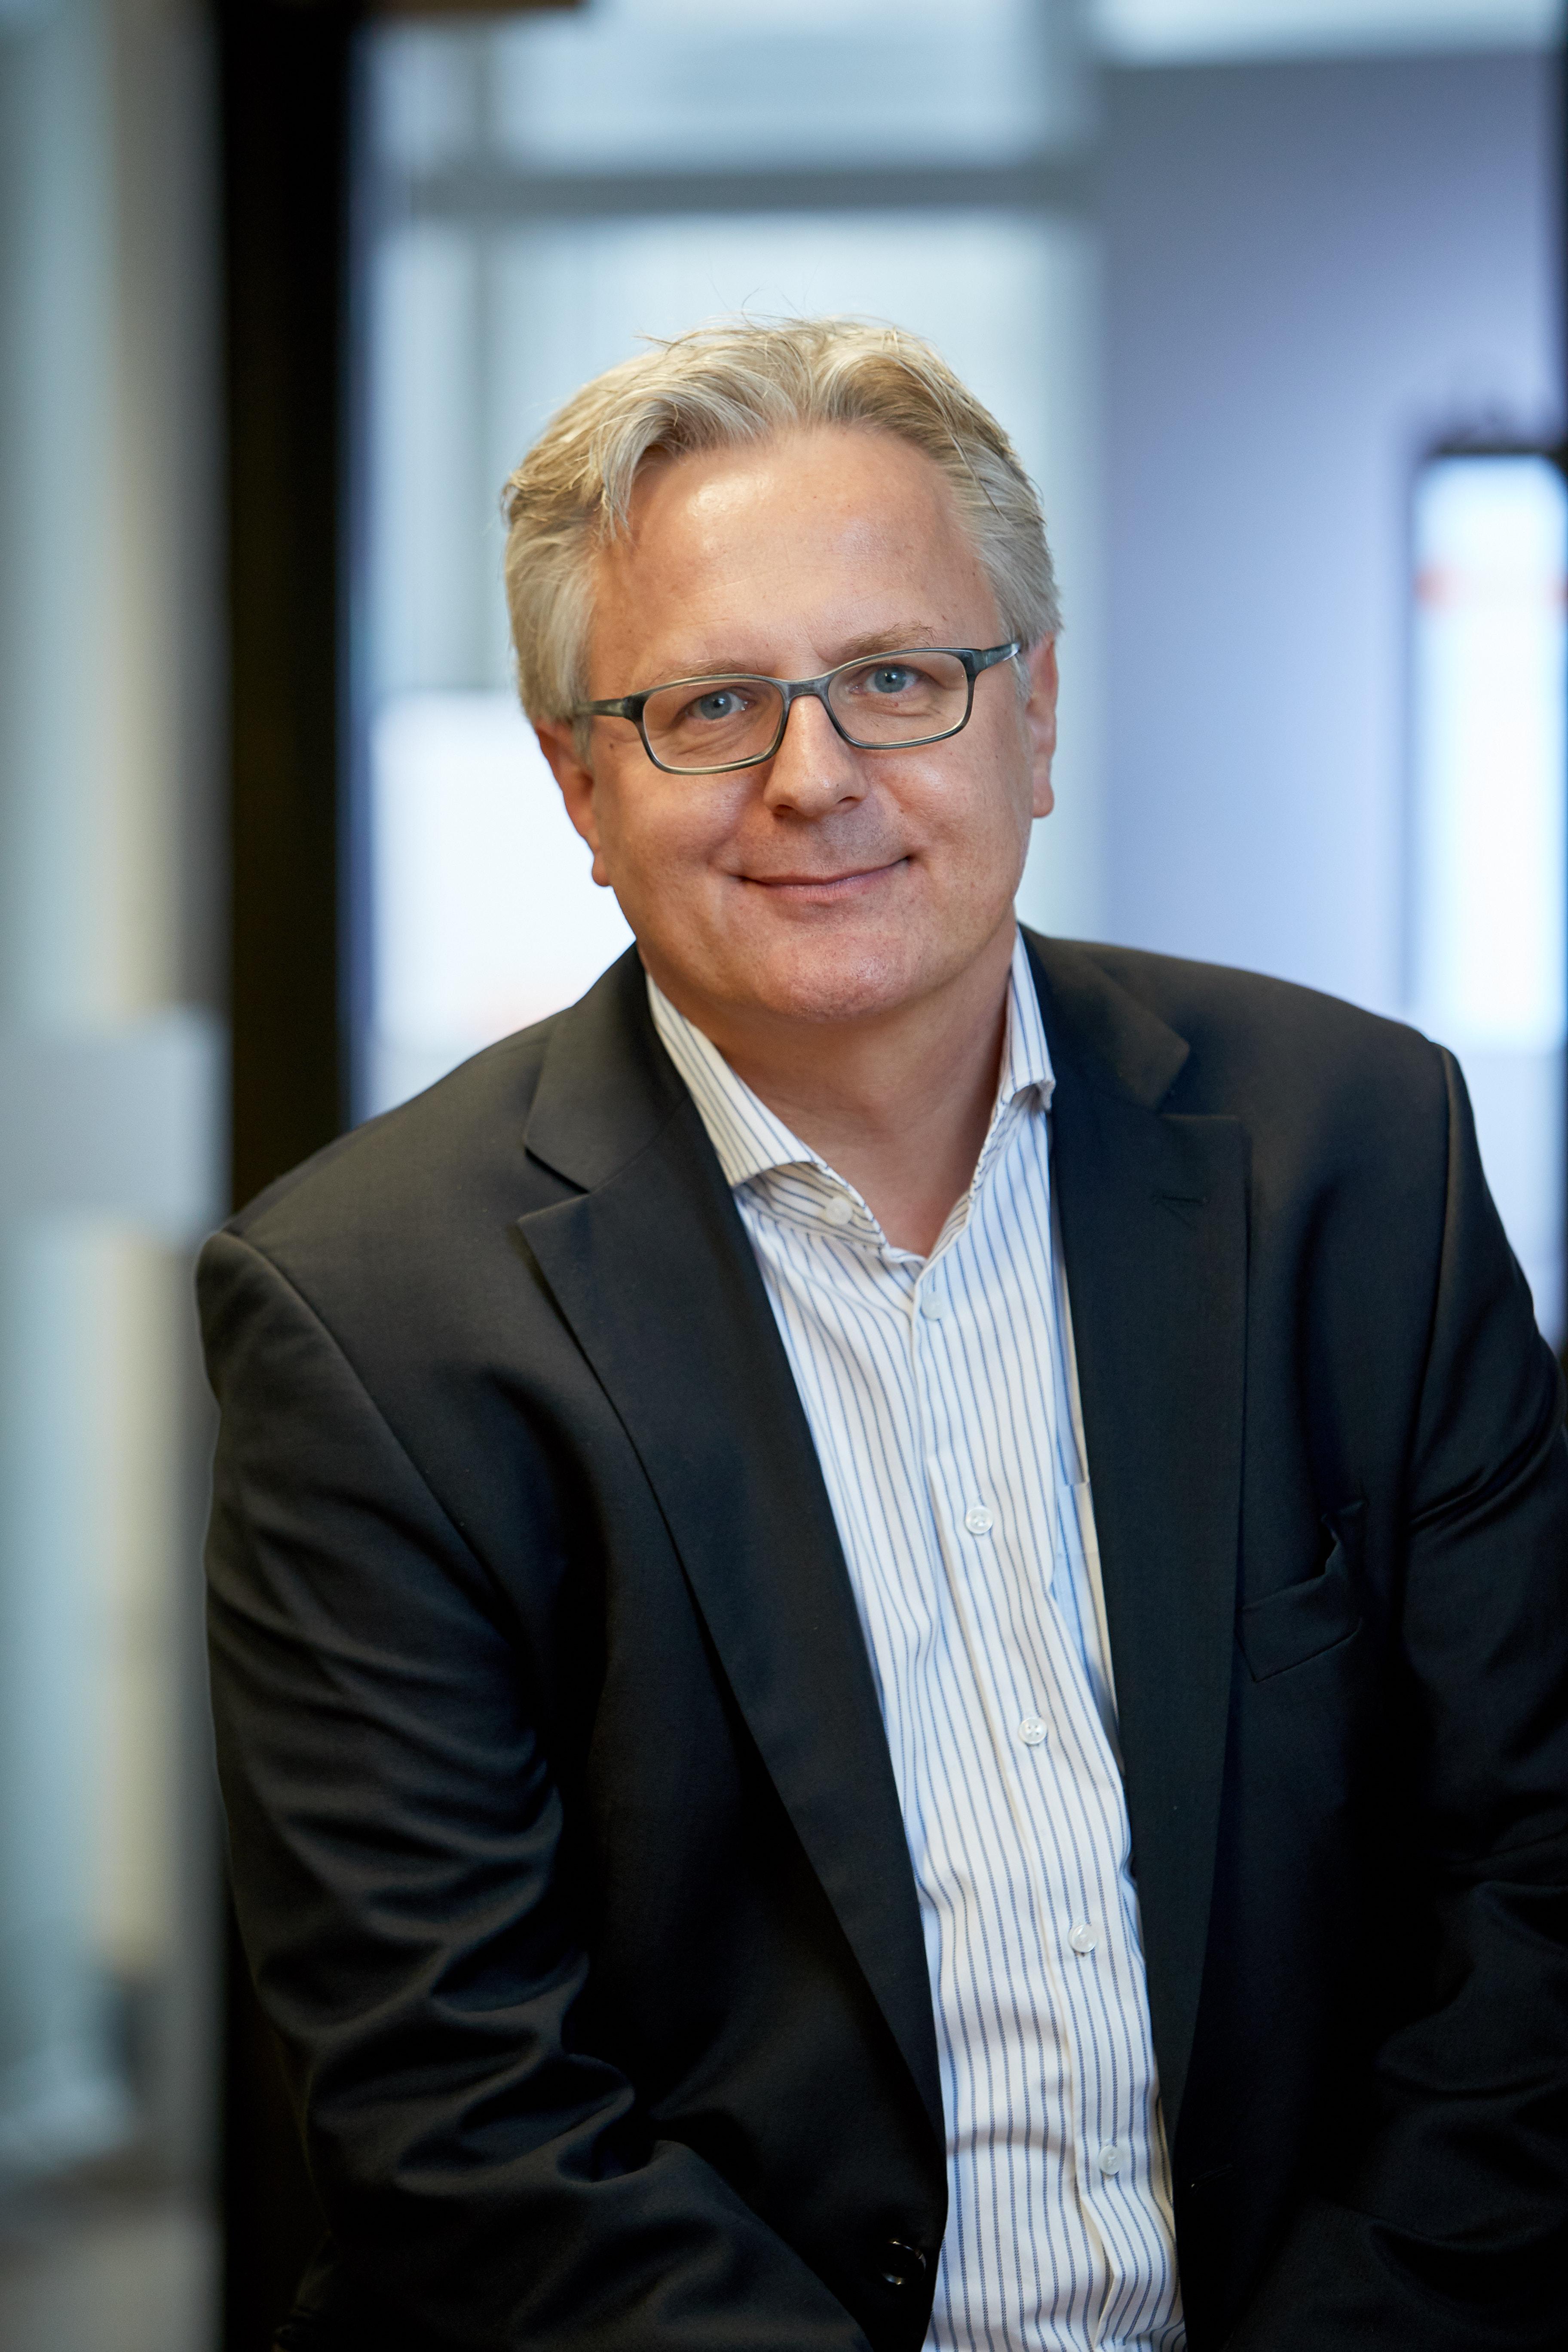 Stefan Pagenkemper